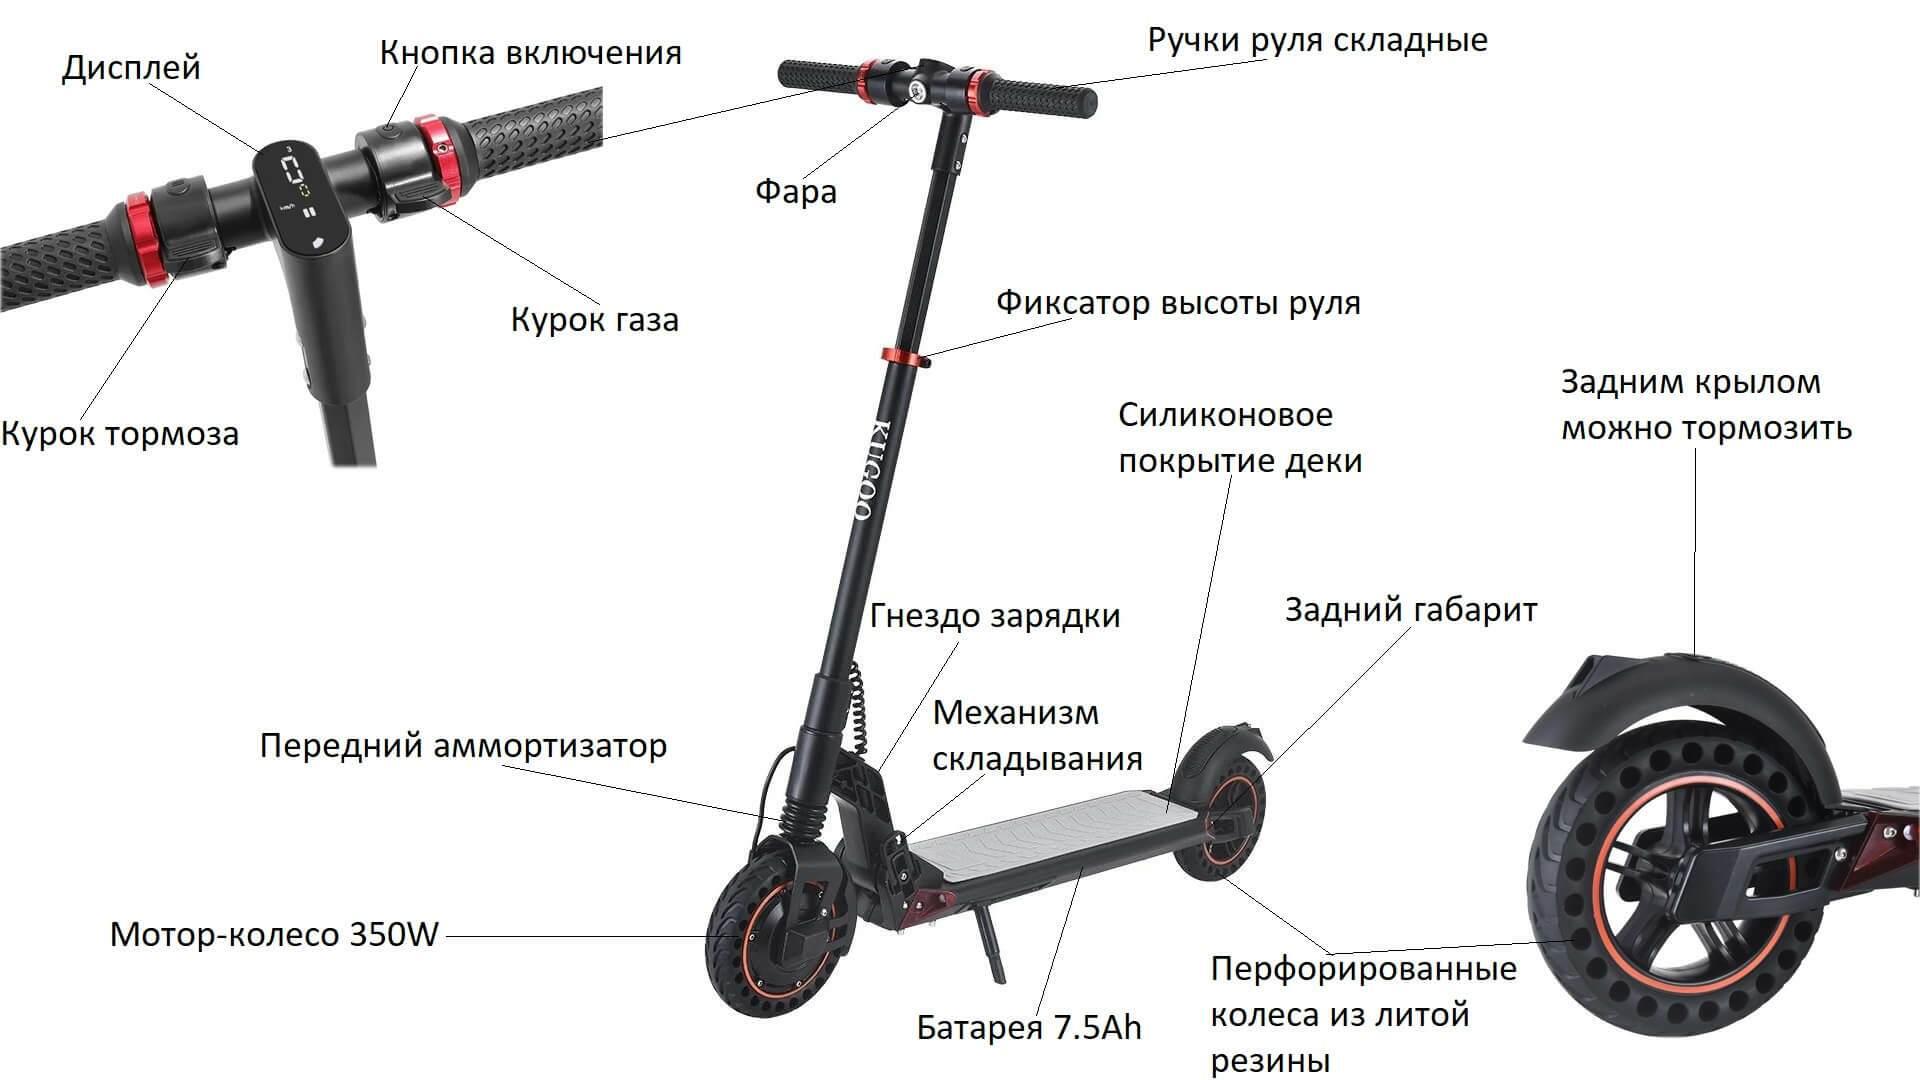 https://m-files.cdnvideo.ru/lpfile/d/9/2/d927593dd4957f5fc0f2368be95bd9a9/-/scale/x2/-/crop/0x0x1920x1080/-/resize/1148/f.jpg